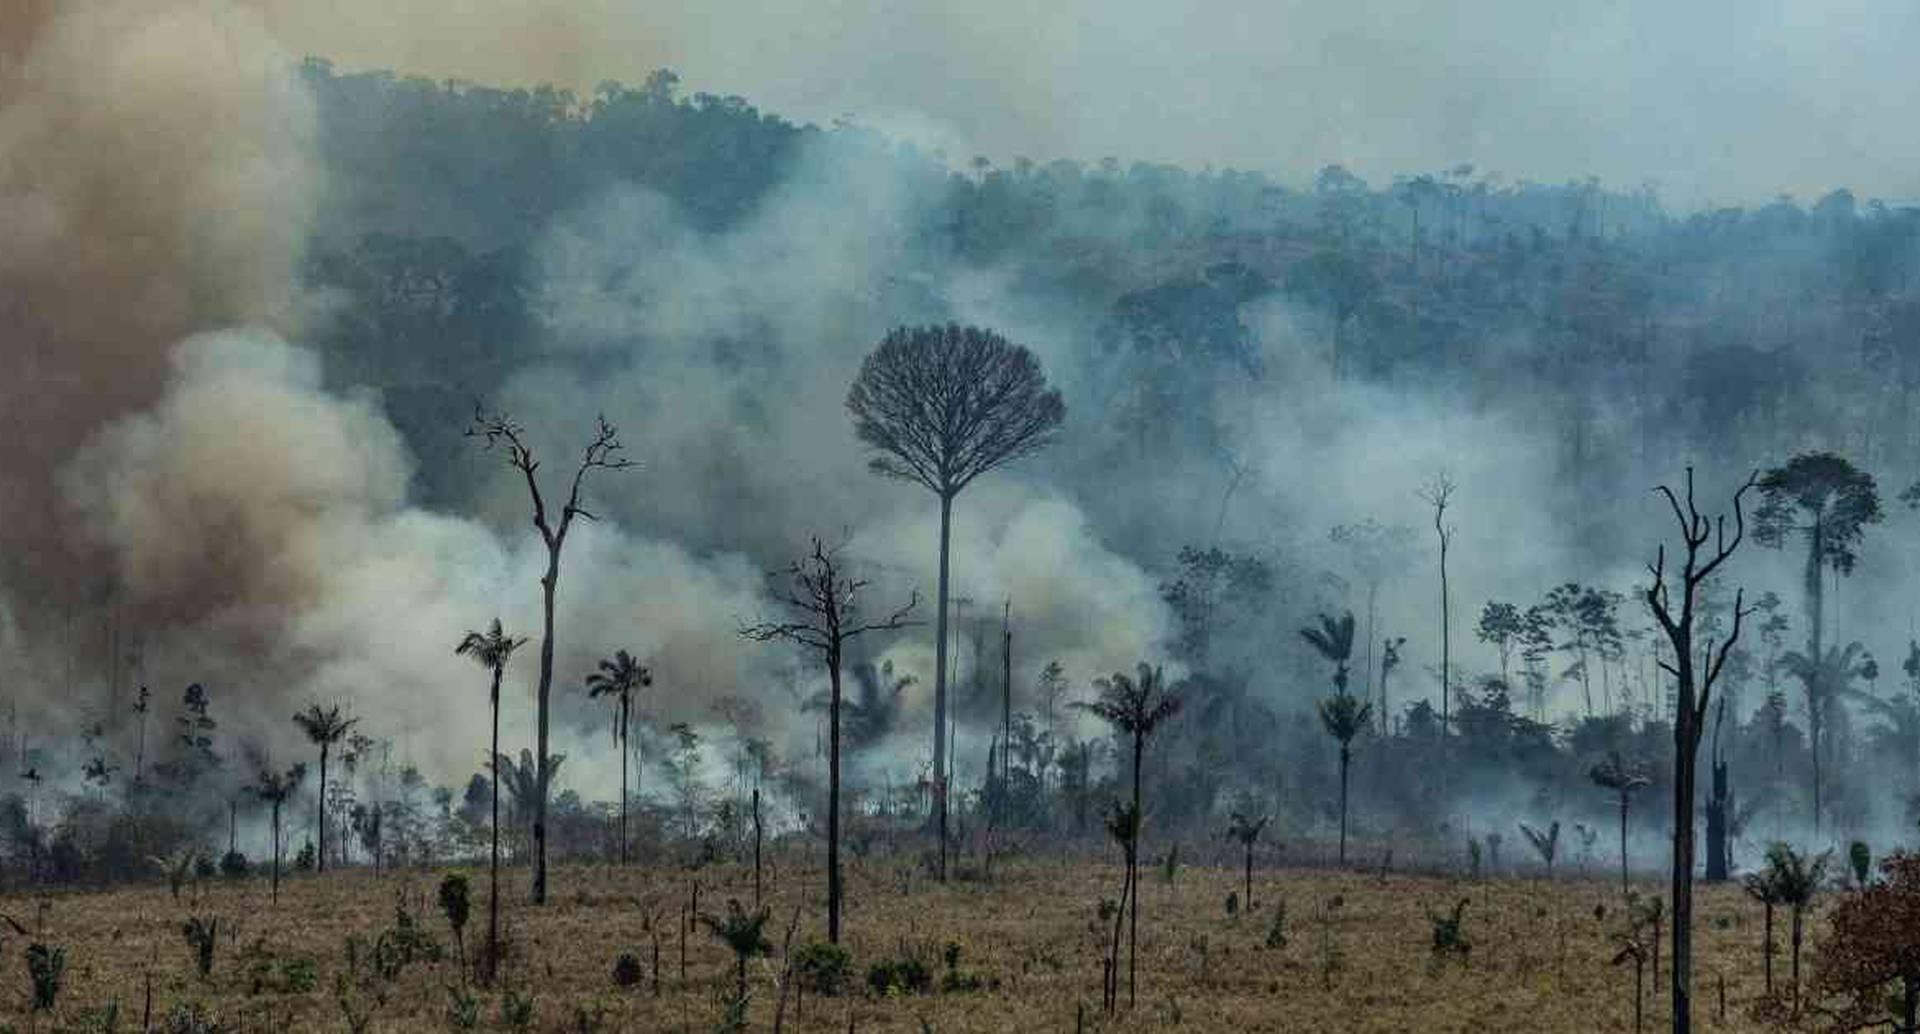 Los incendios en Brasil van de la mano con la deforestación. Foto: GreenPeace